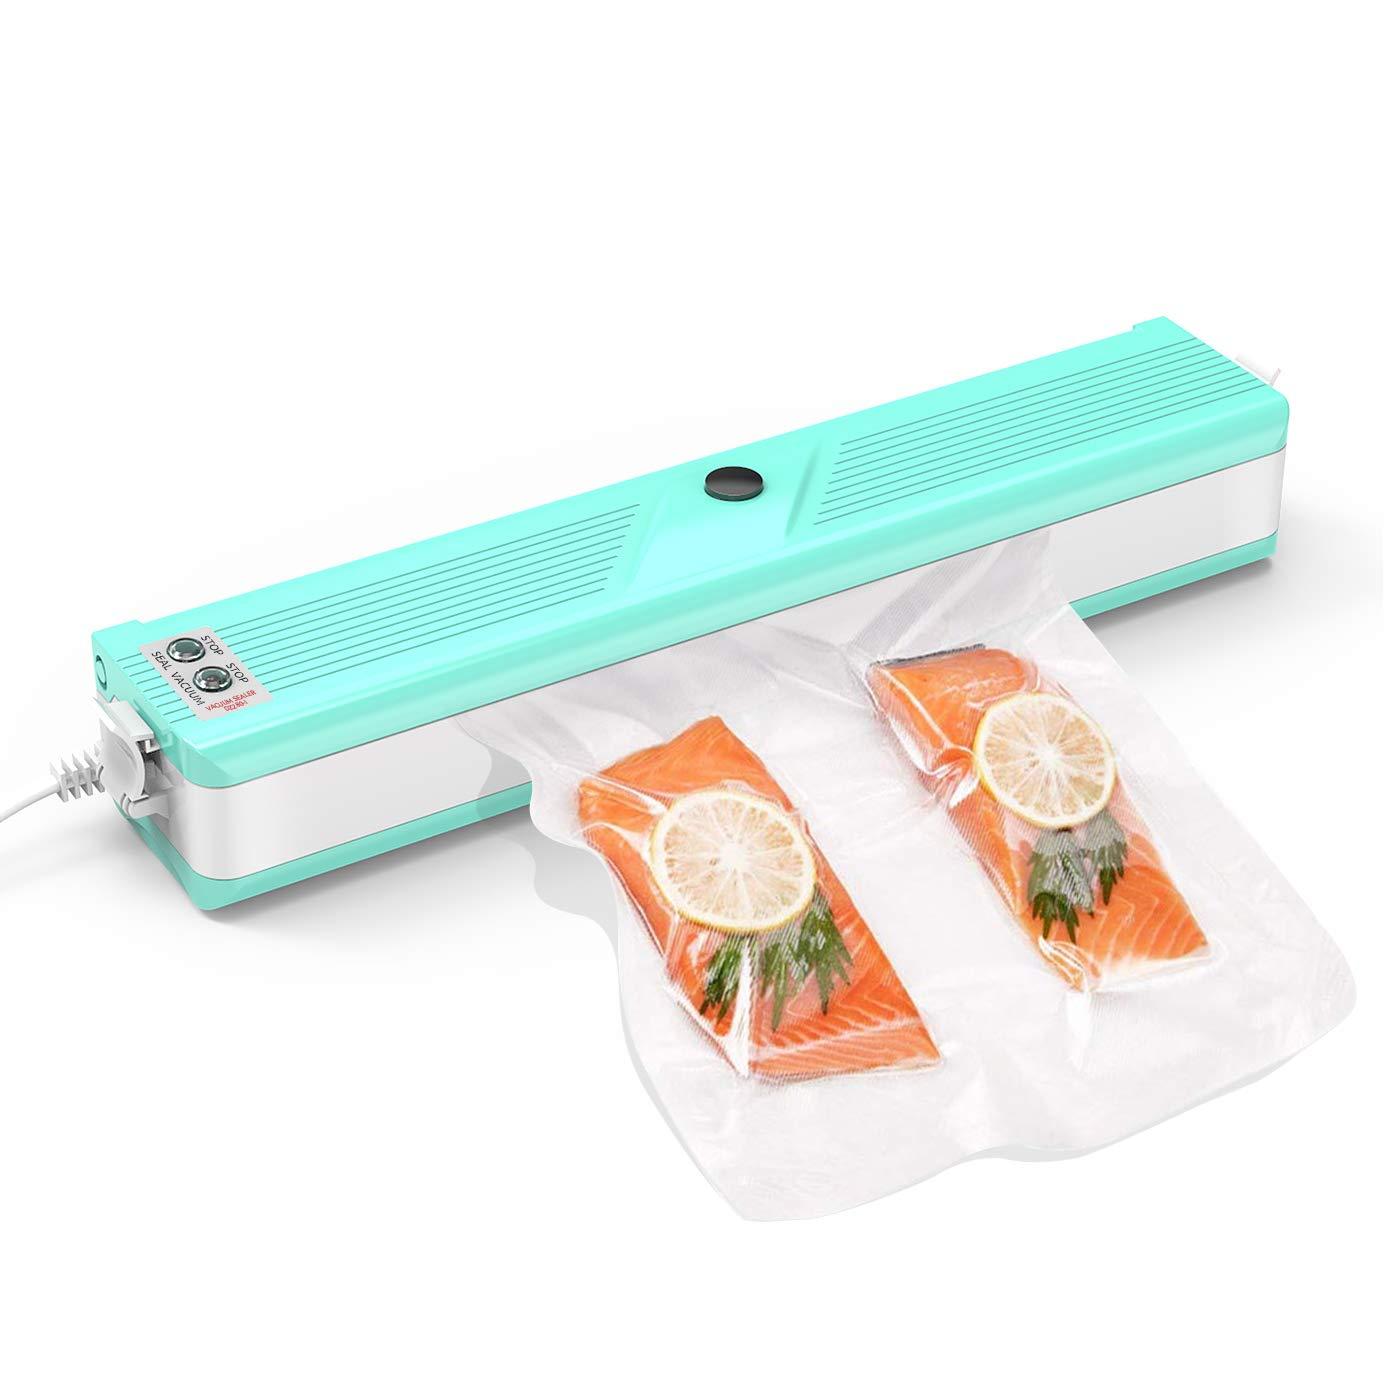 ERAY Machine Sous Vide Automatique/Manuel, Appareils de Mise Sous Vide pour Aliments/Viandes / Légumes/Fruits, Scellant à Vide avec 10 Pièces Sacs à vide - Menthe Verte